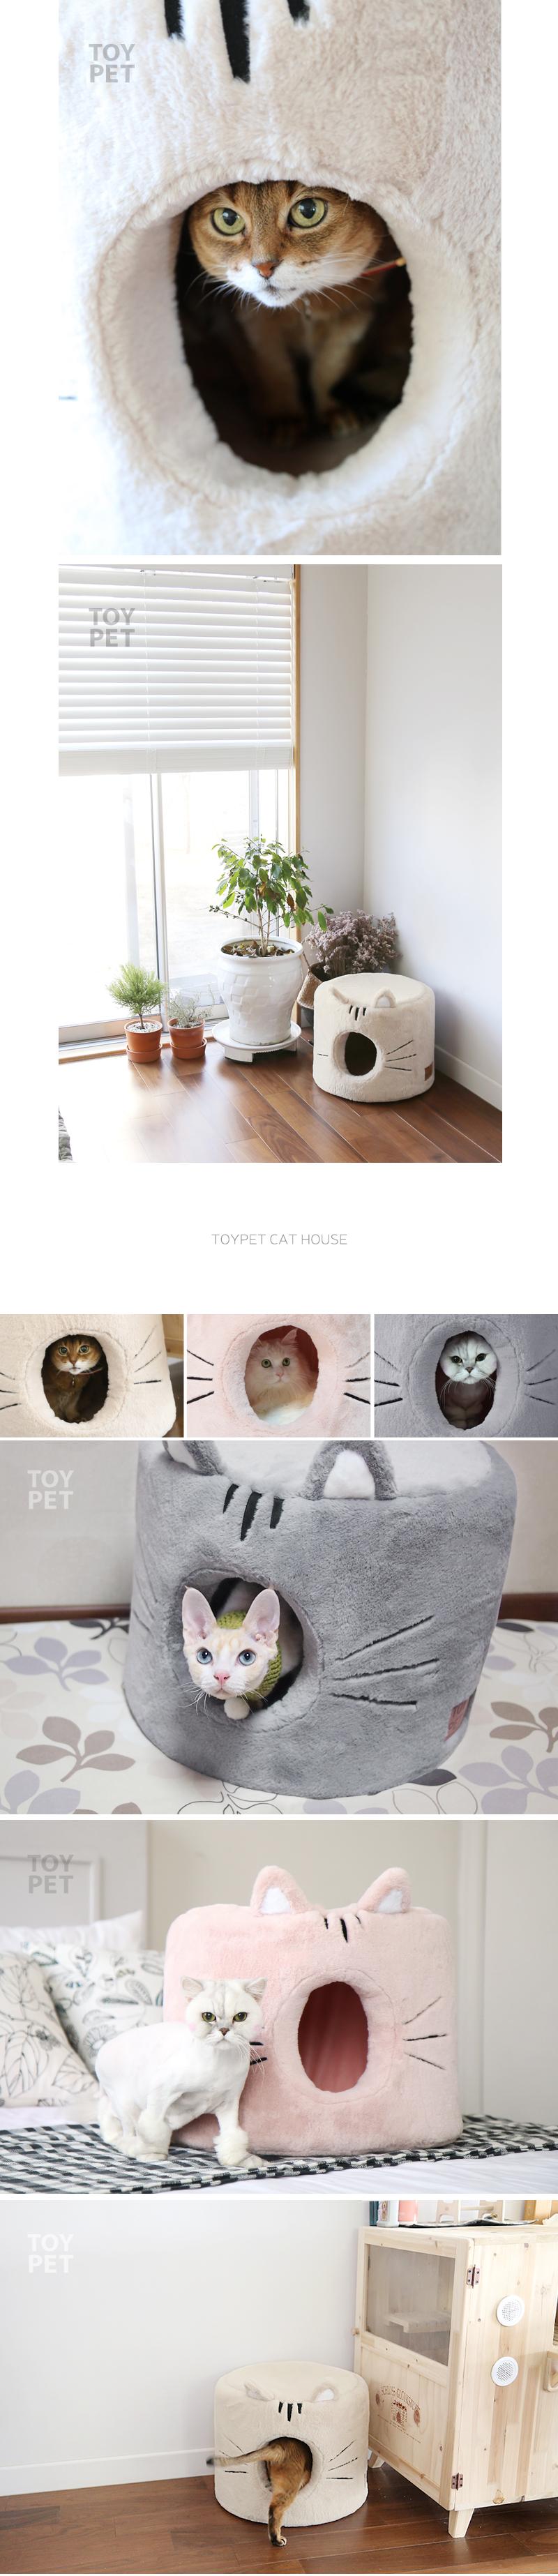 cathouse-04.jpg